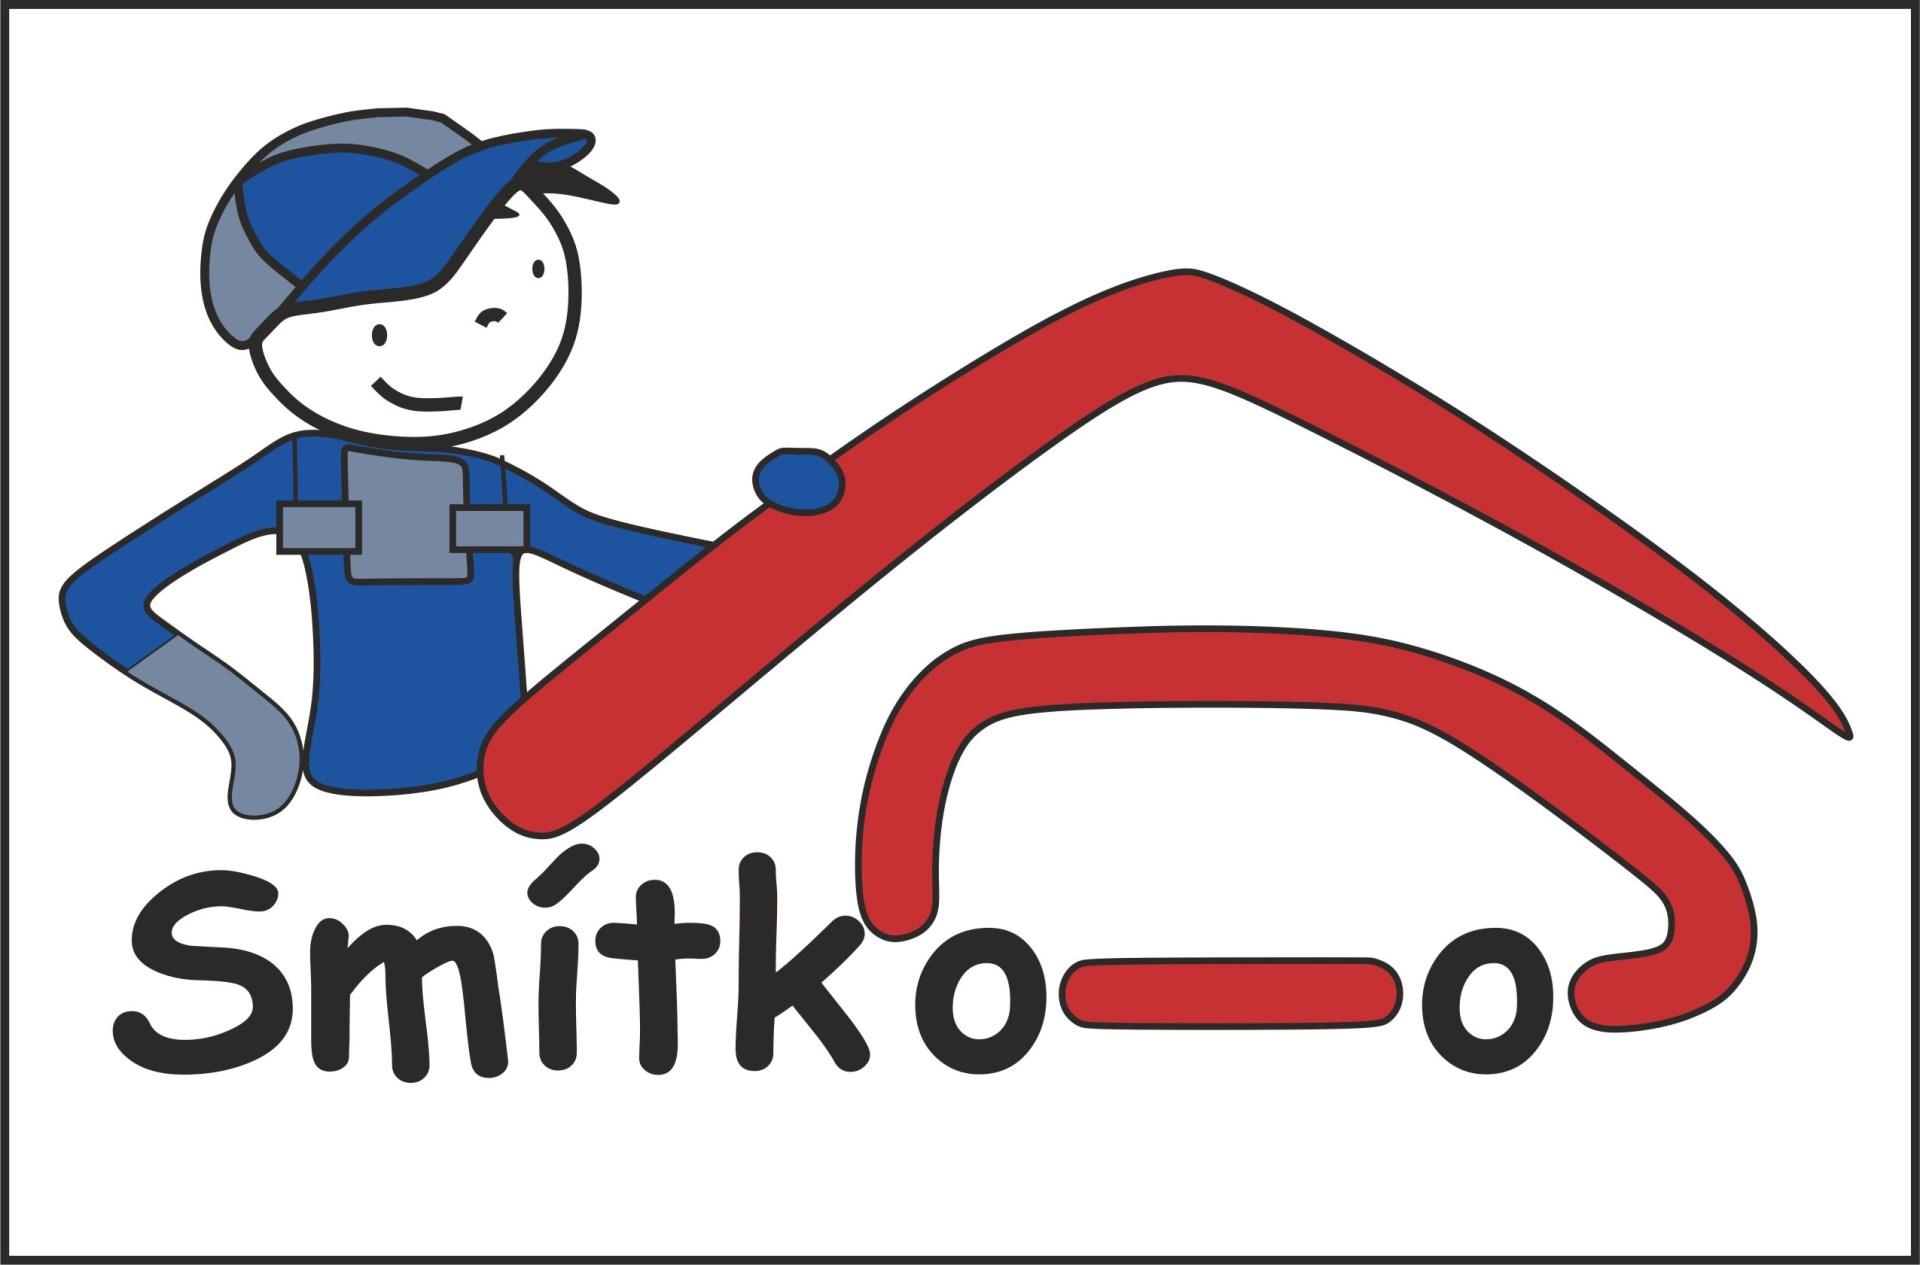 logo firmy Vyklízení, likvidace odpadù - Smítko